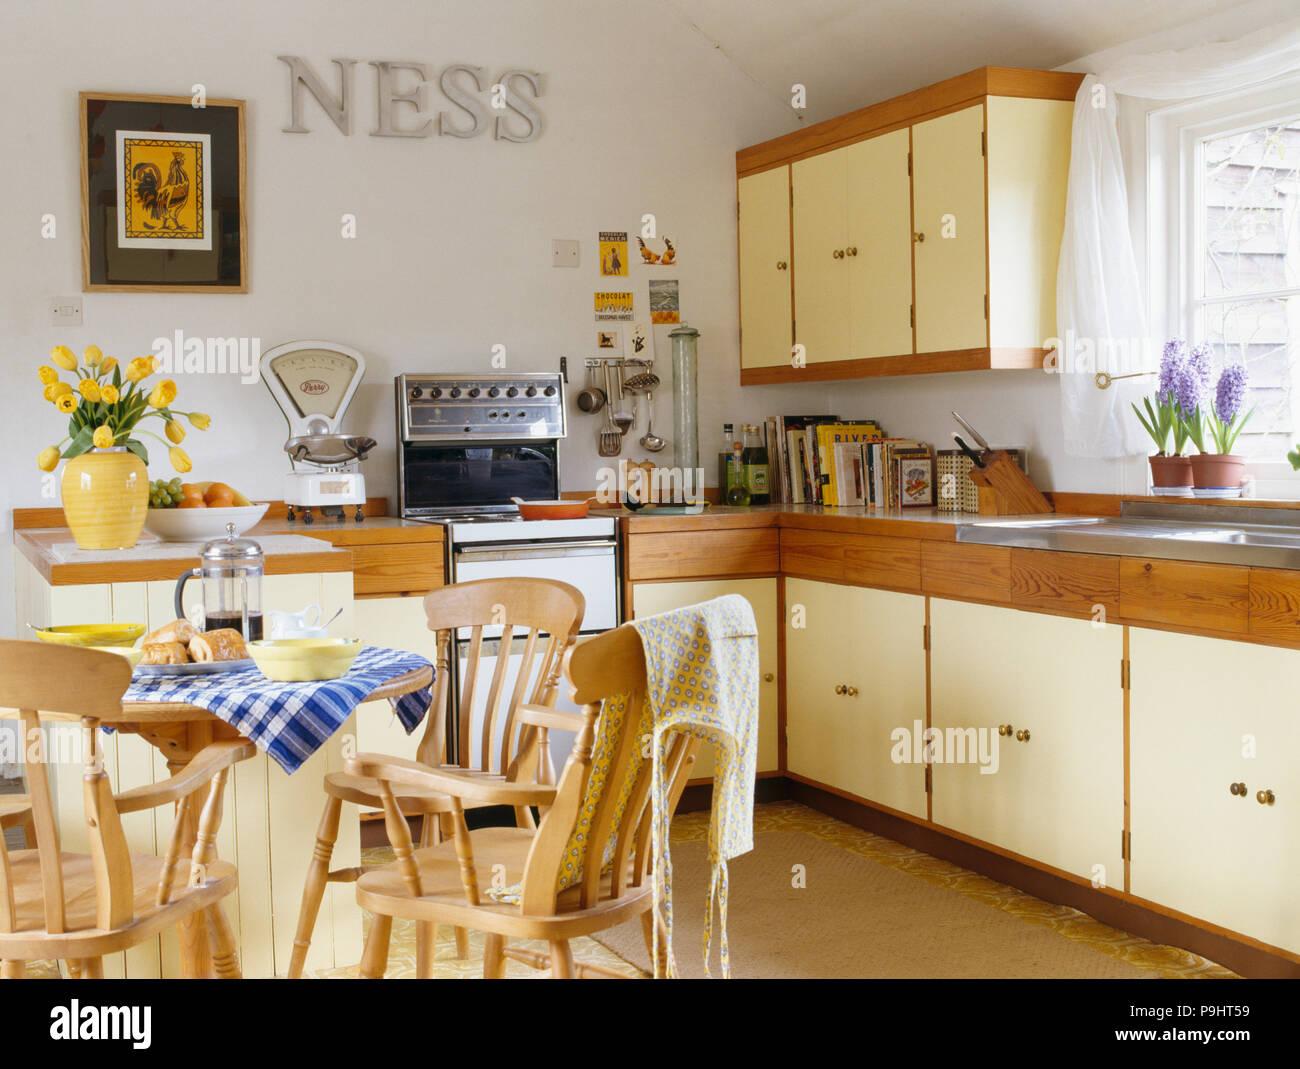 Sedie In Metallo Per Cucina : Pine sedie e tavolo in cucina di paese con lettere di metallo